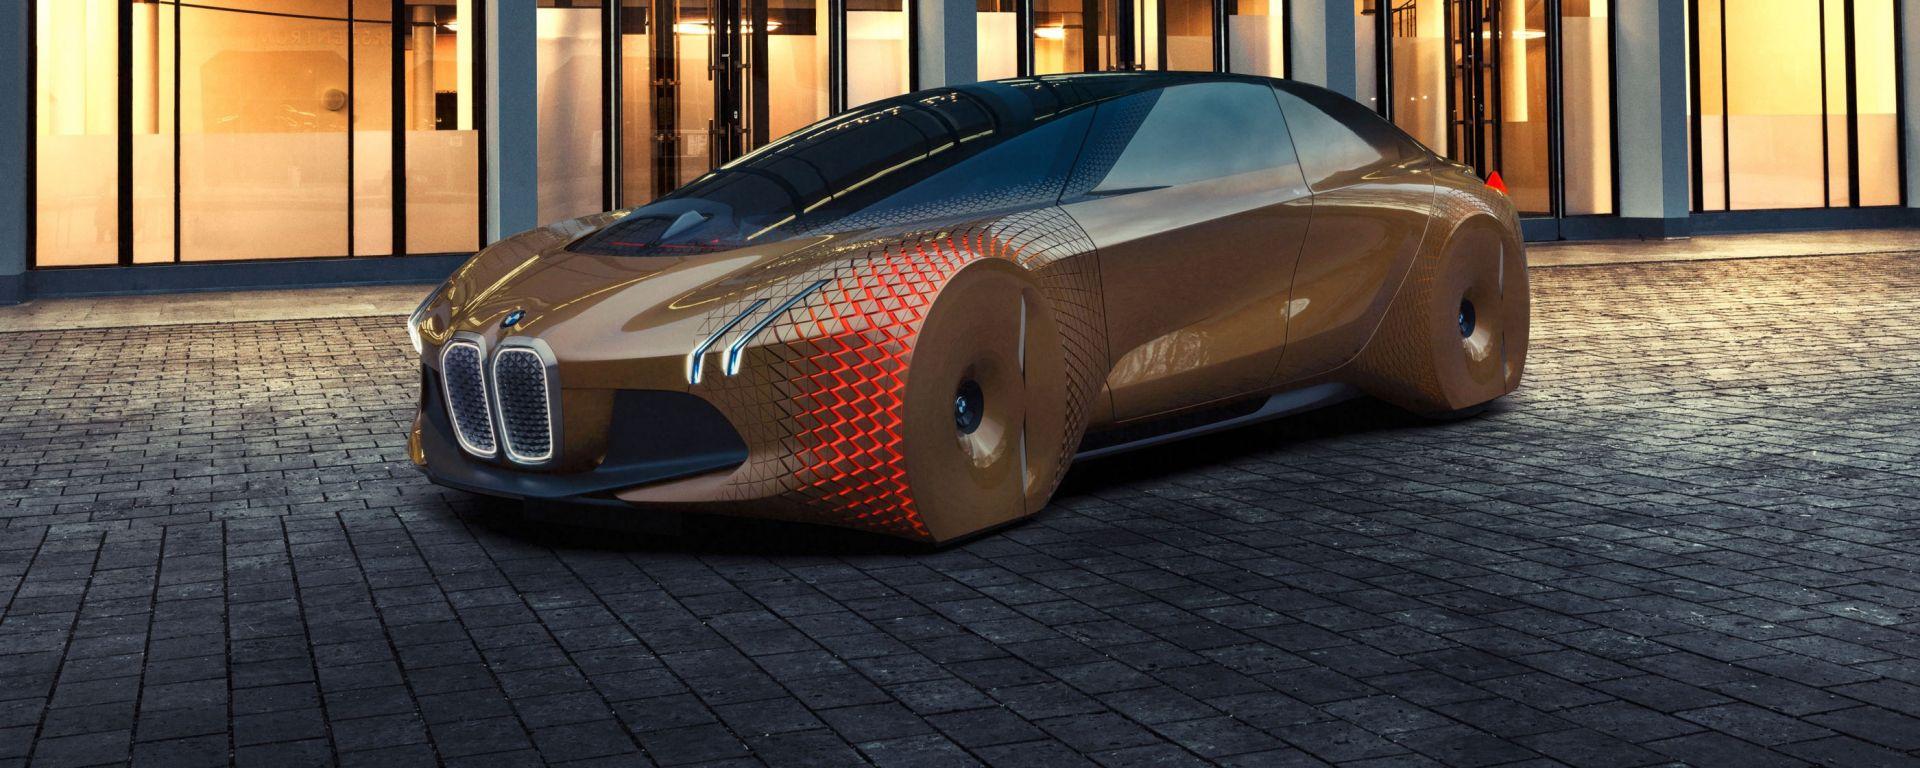 La BMW Vision Next 100, concept presentata per festeggiare i primi 100 anni del marchio